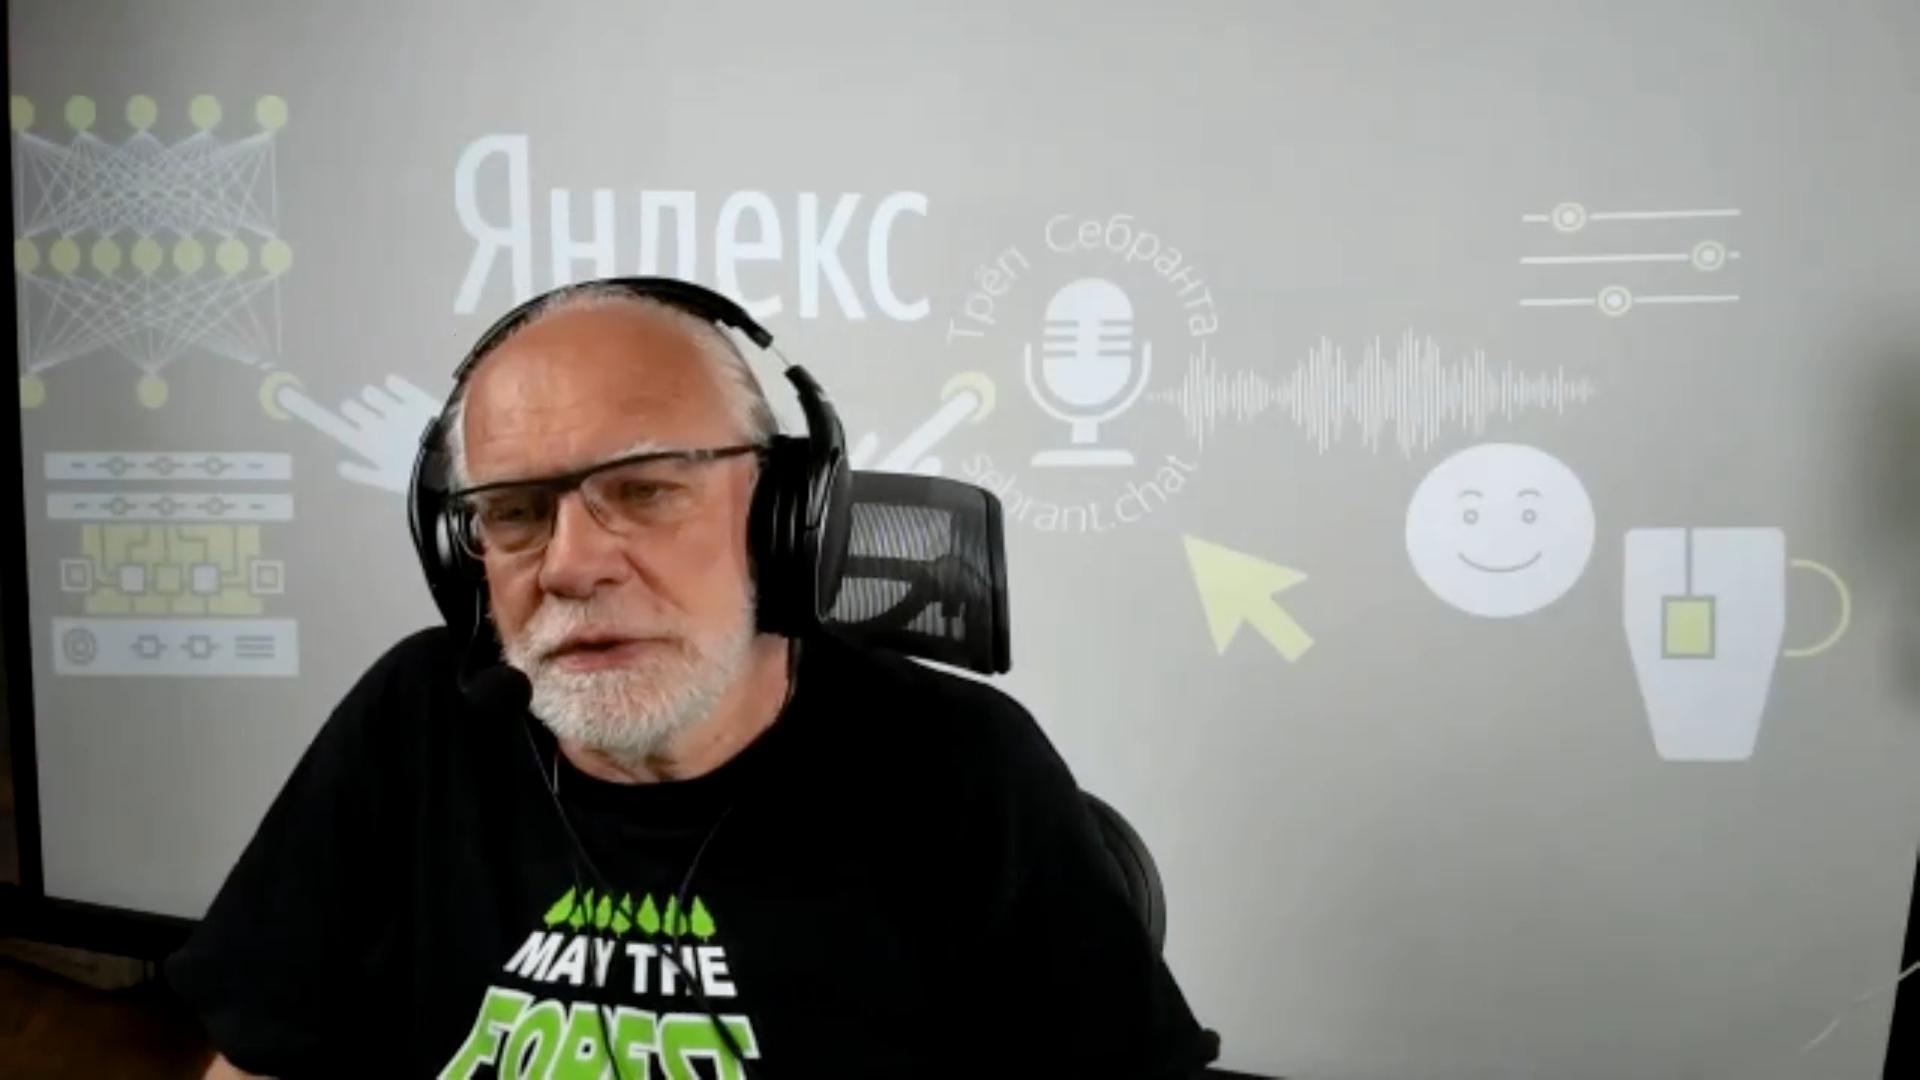 Герой интервью слушает интервьюера в наушниках, а свой голос пишет на отдельное устройство